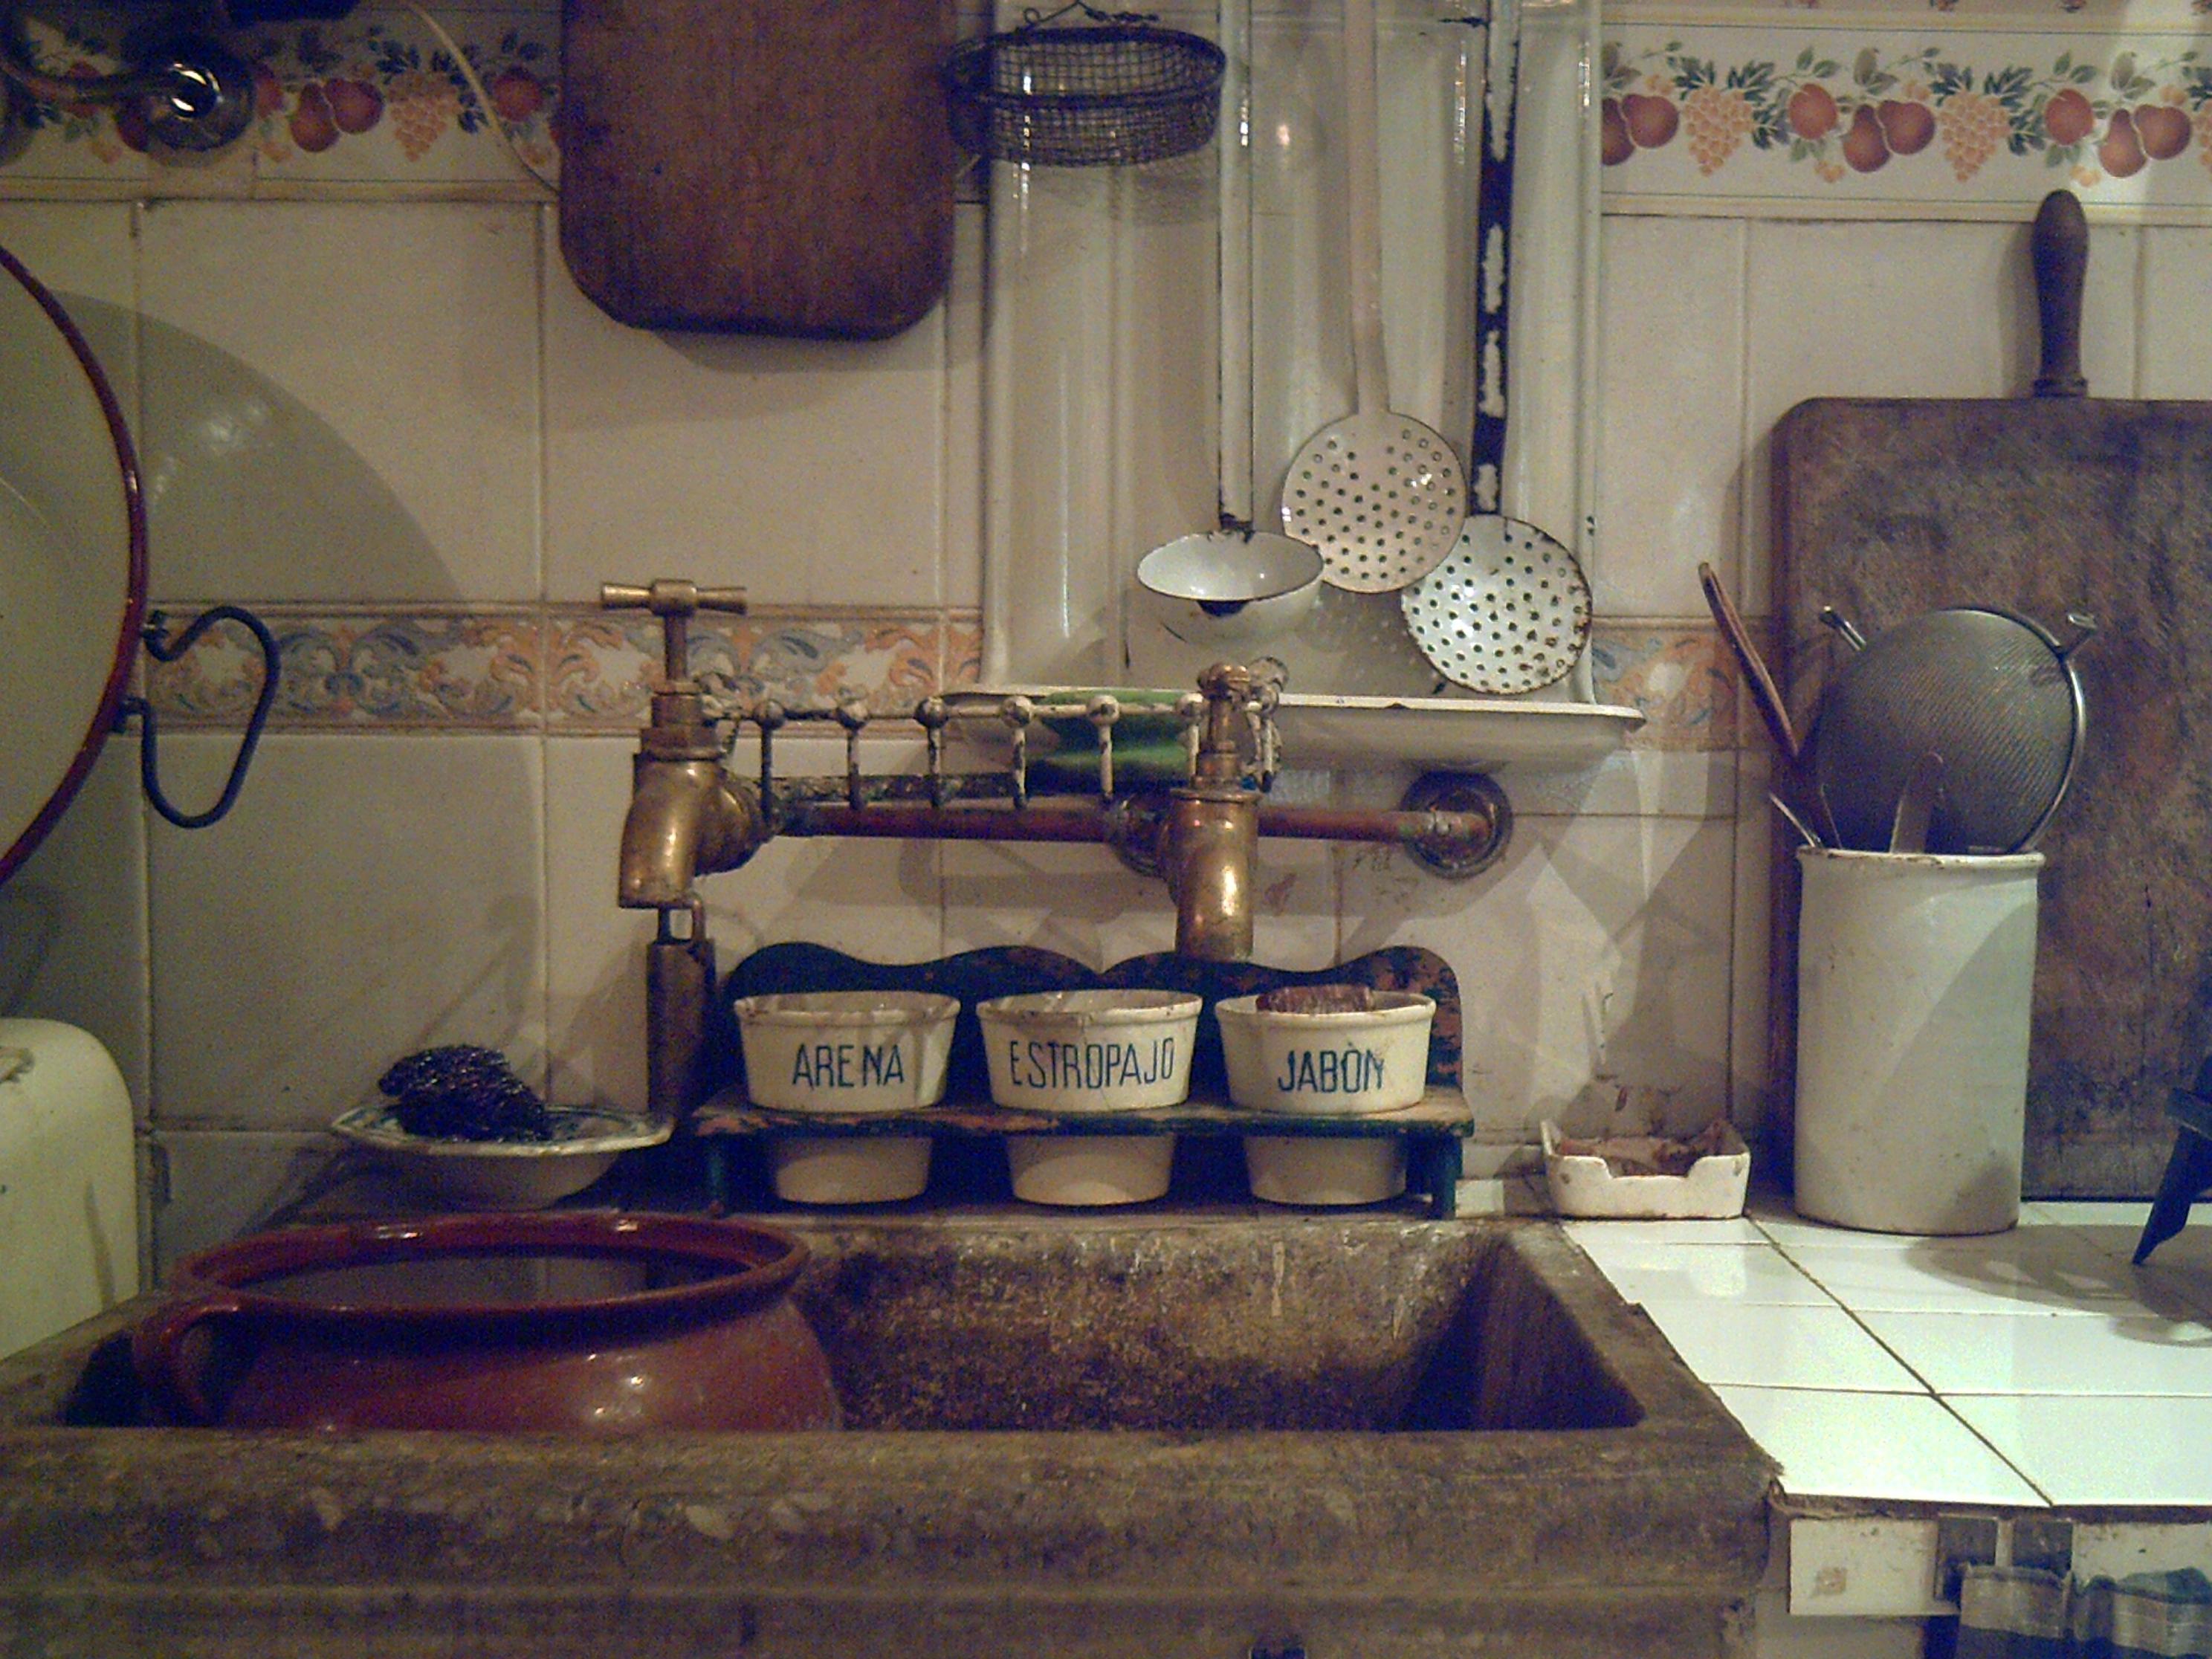 Cocina a os 50 fotos de fotograf a creativa Cocinas antiguas